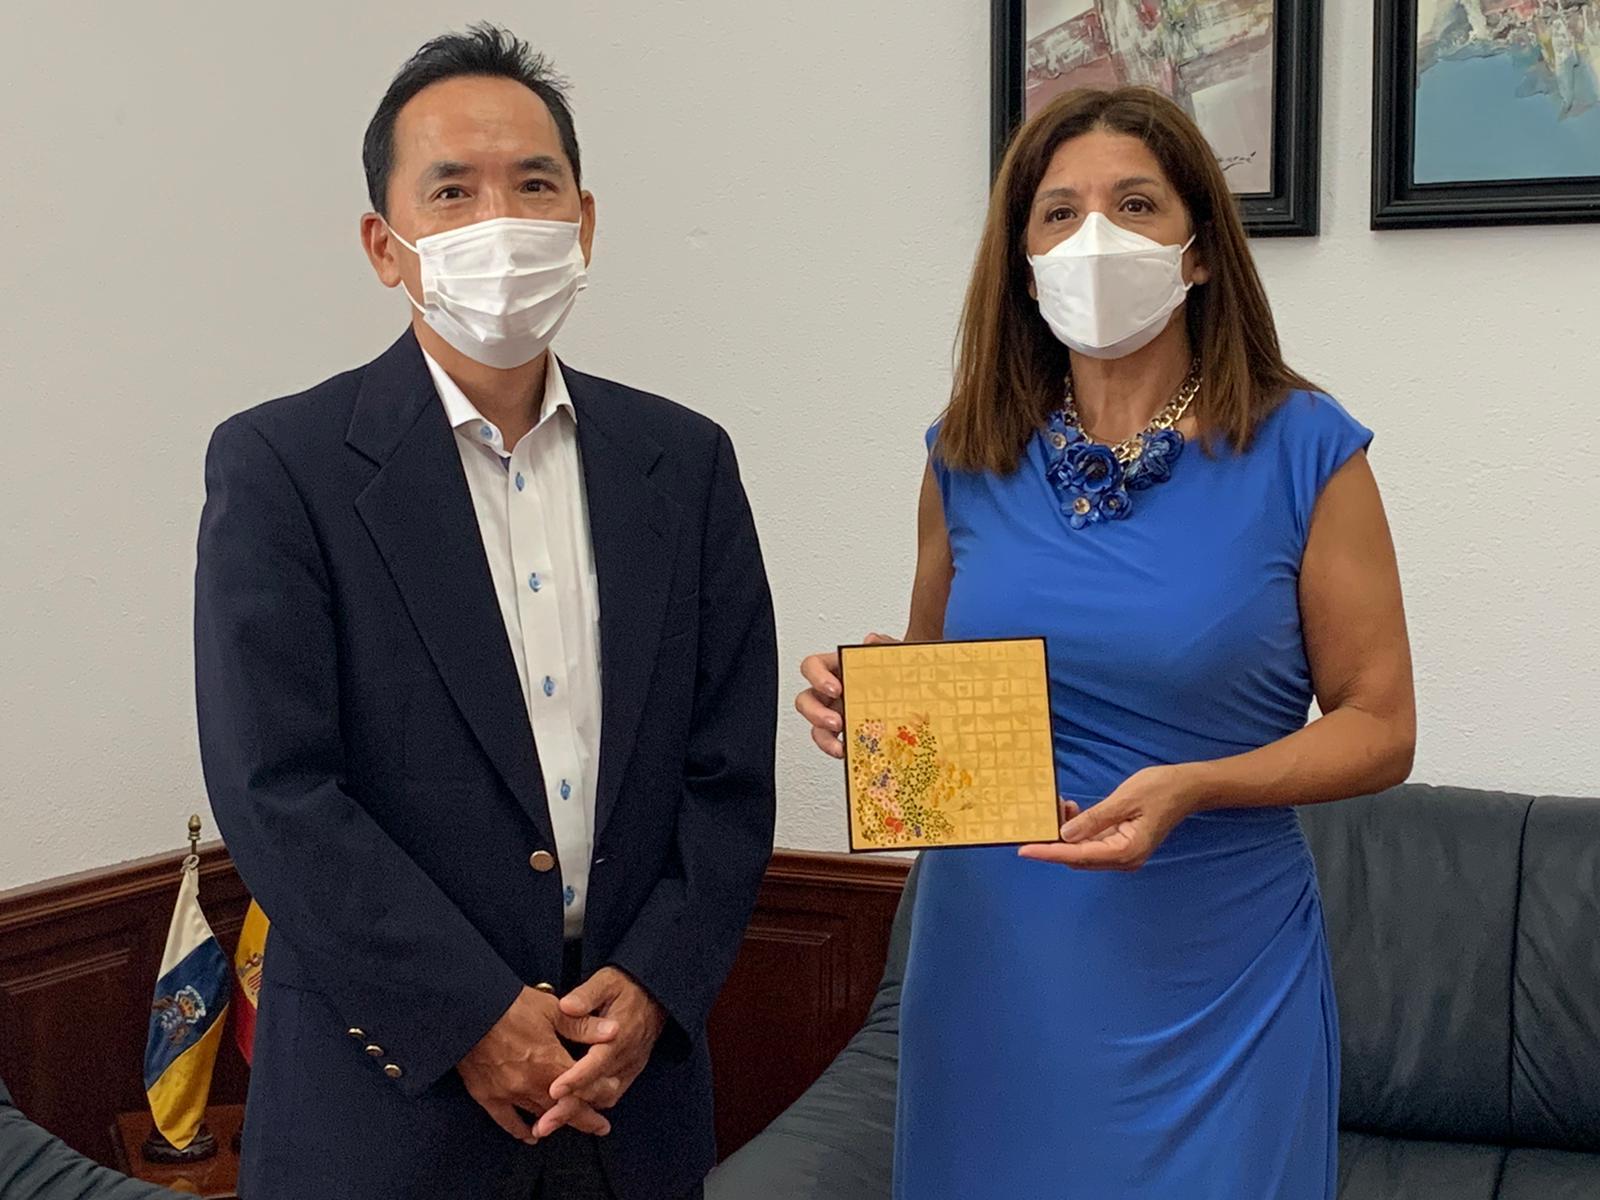 La alcaldesa de Telde recibe al nuevo cónsul de Japón en Canarias / CanariasNoticias.es